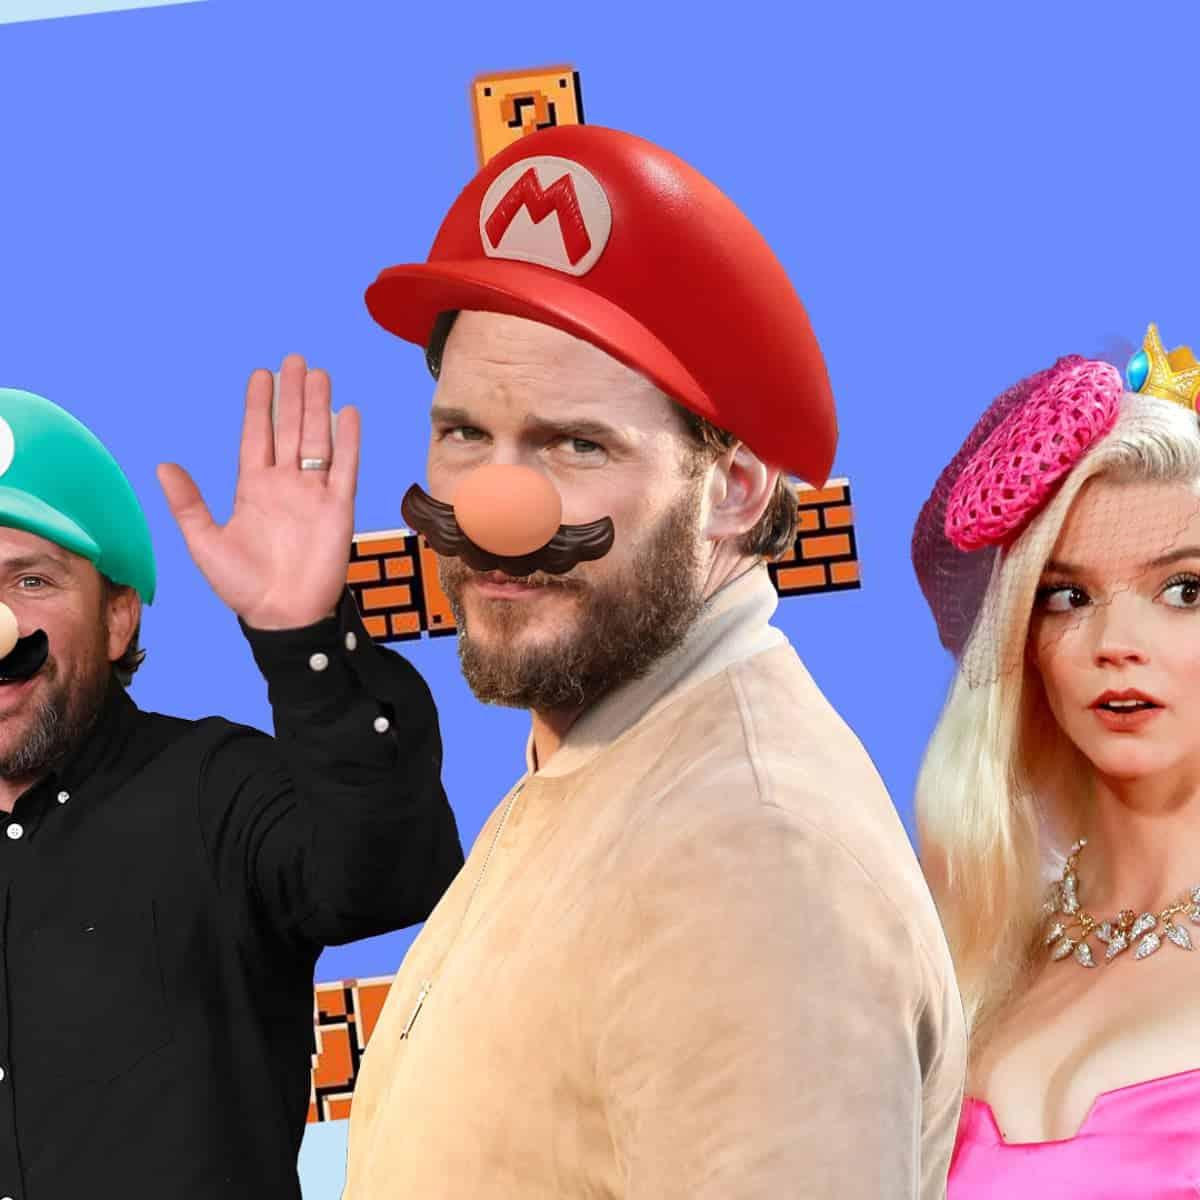 Mario Movie Memes 8